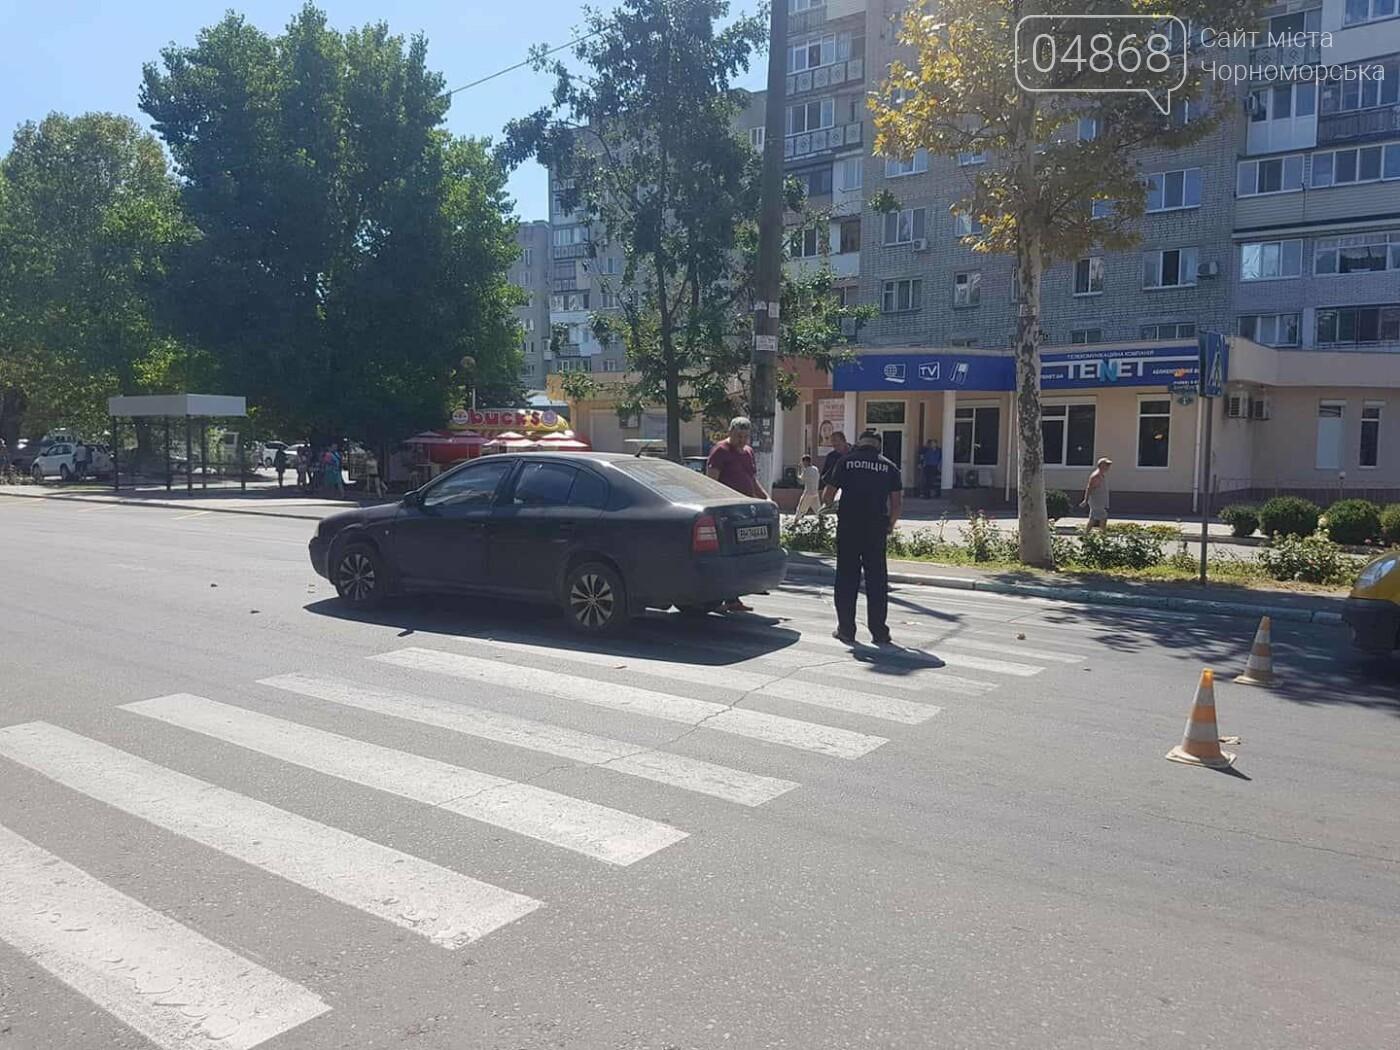 На пешеходном переходе в Черноморске сбили двух женщин, фото-2